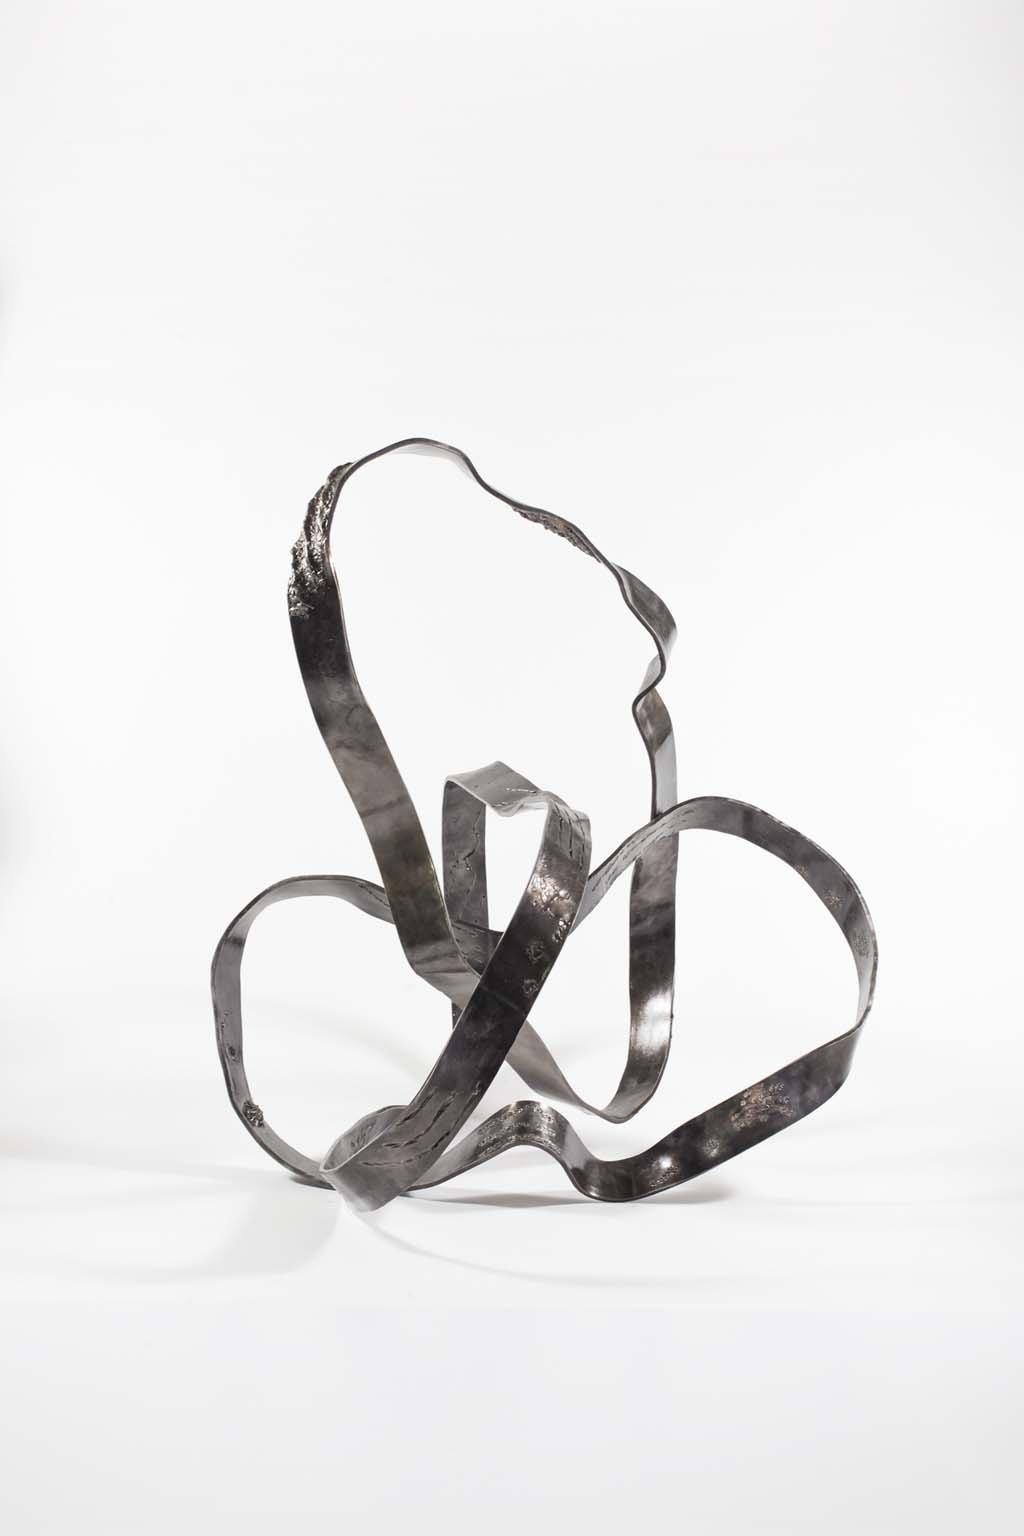 'Oblivion III ' | Iron and brass sculpture | Artist: Rami Ater